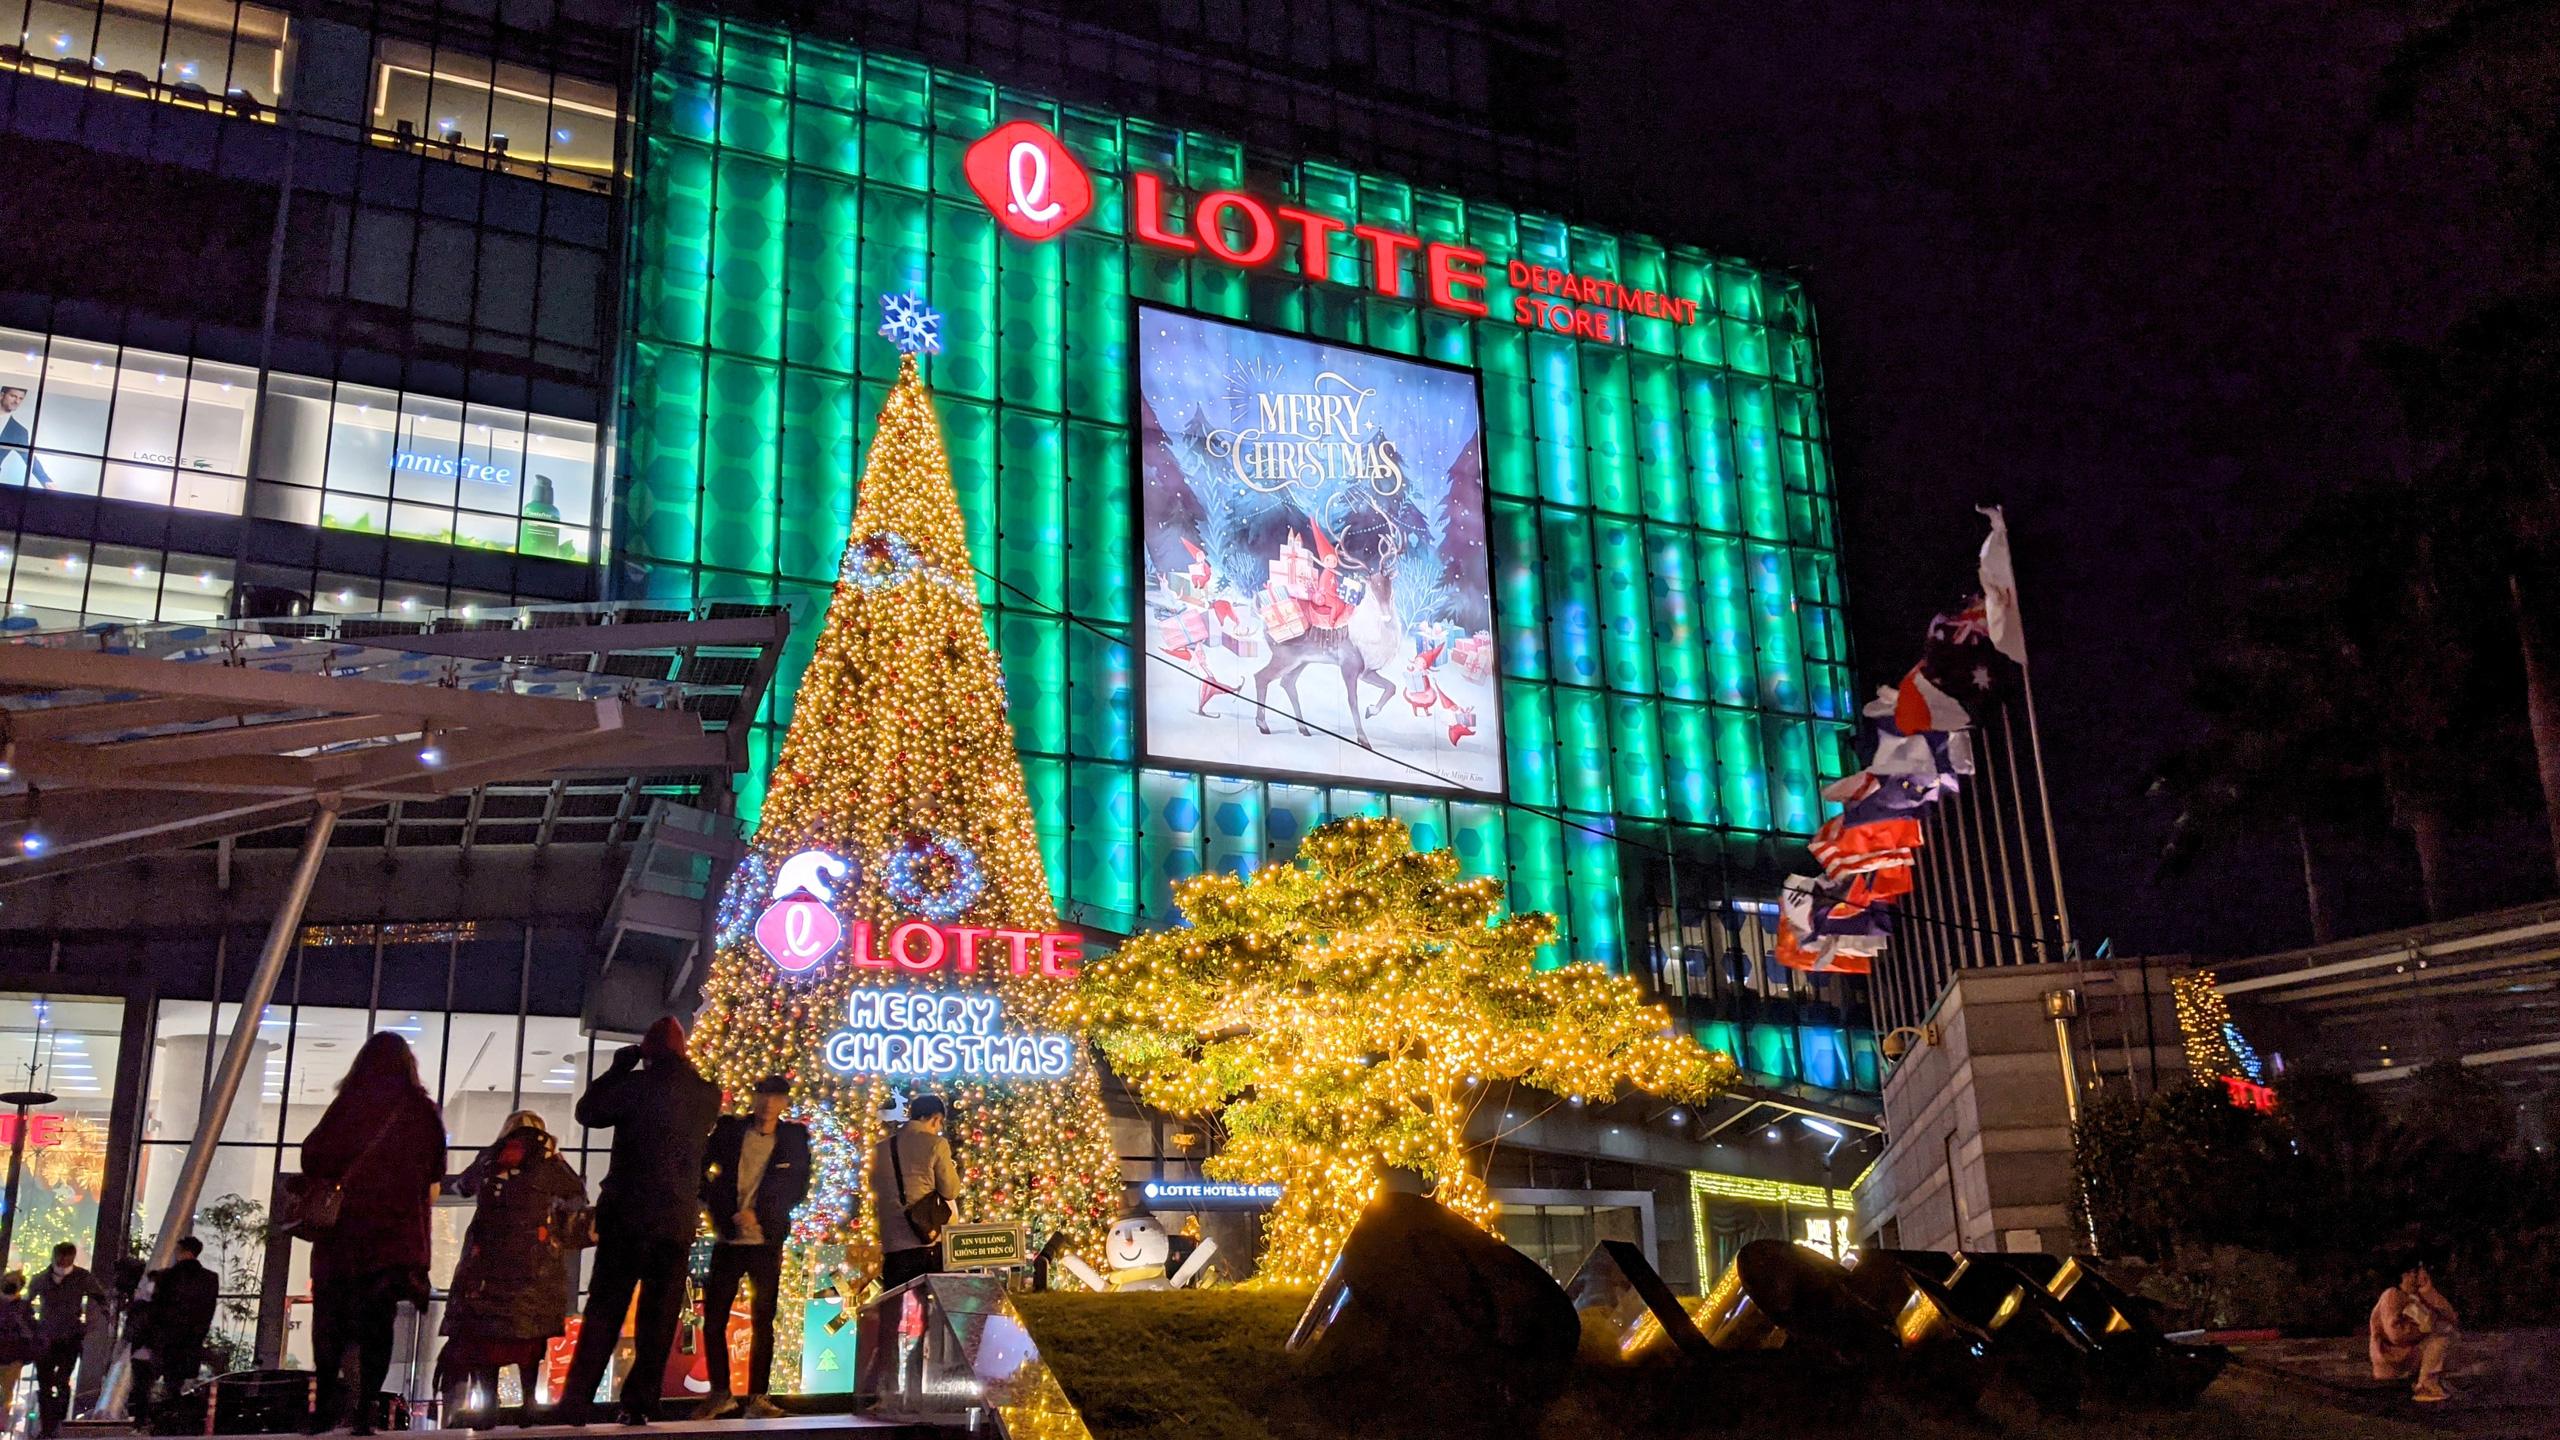 Khách sạn, trung tâm thương mại đồng loạt 'thay áo' mùa Giáng sinh 2020 - Ảnh 9.